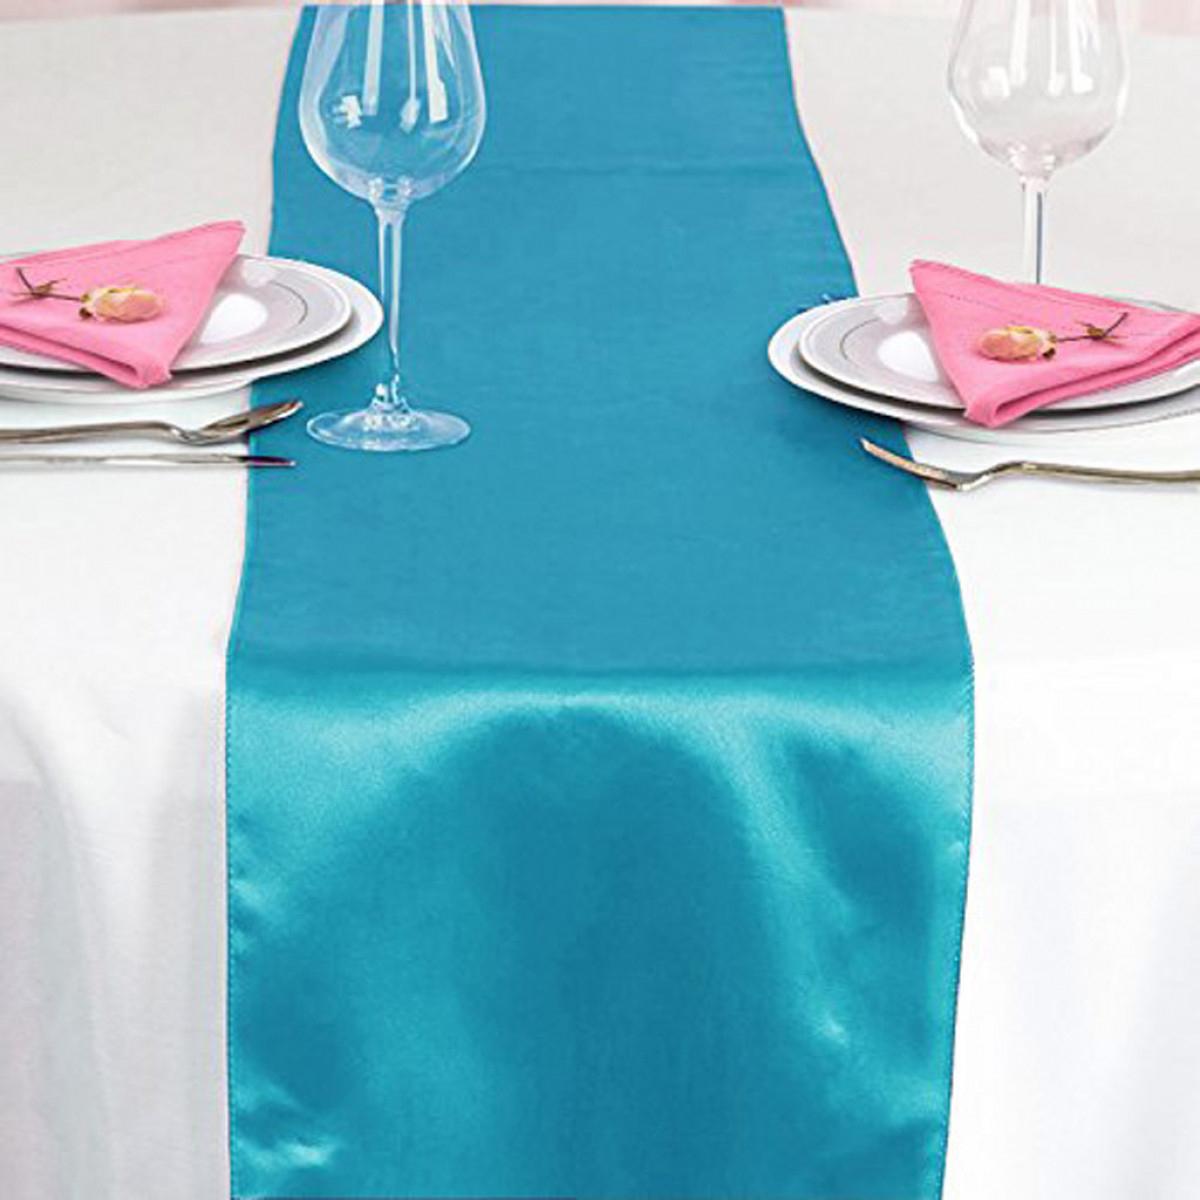 Chemin De Table Satin Turquoise, Décoration De Table concernant Chemin De Table Bleu Clair